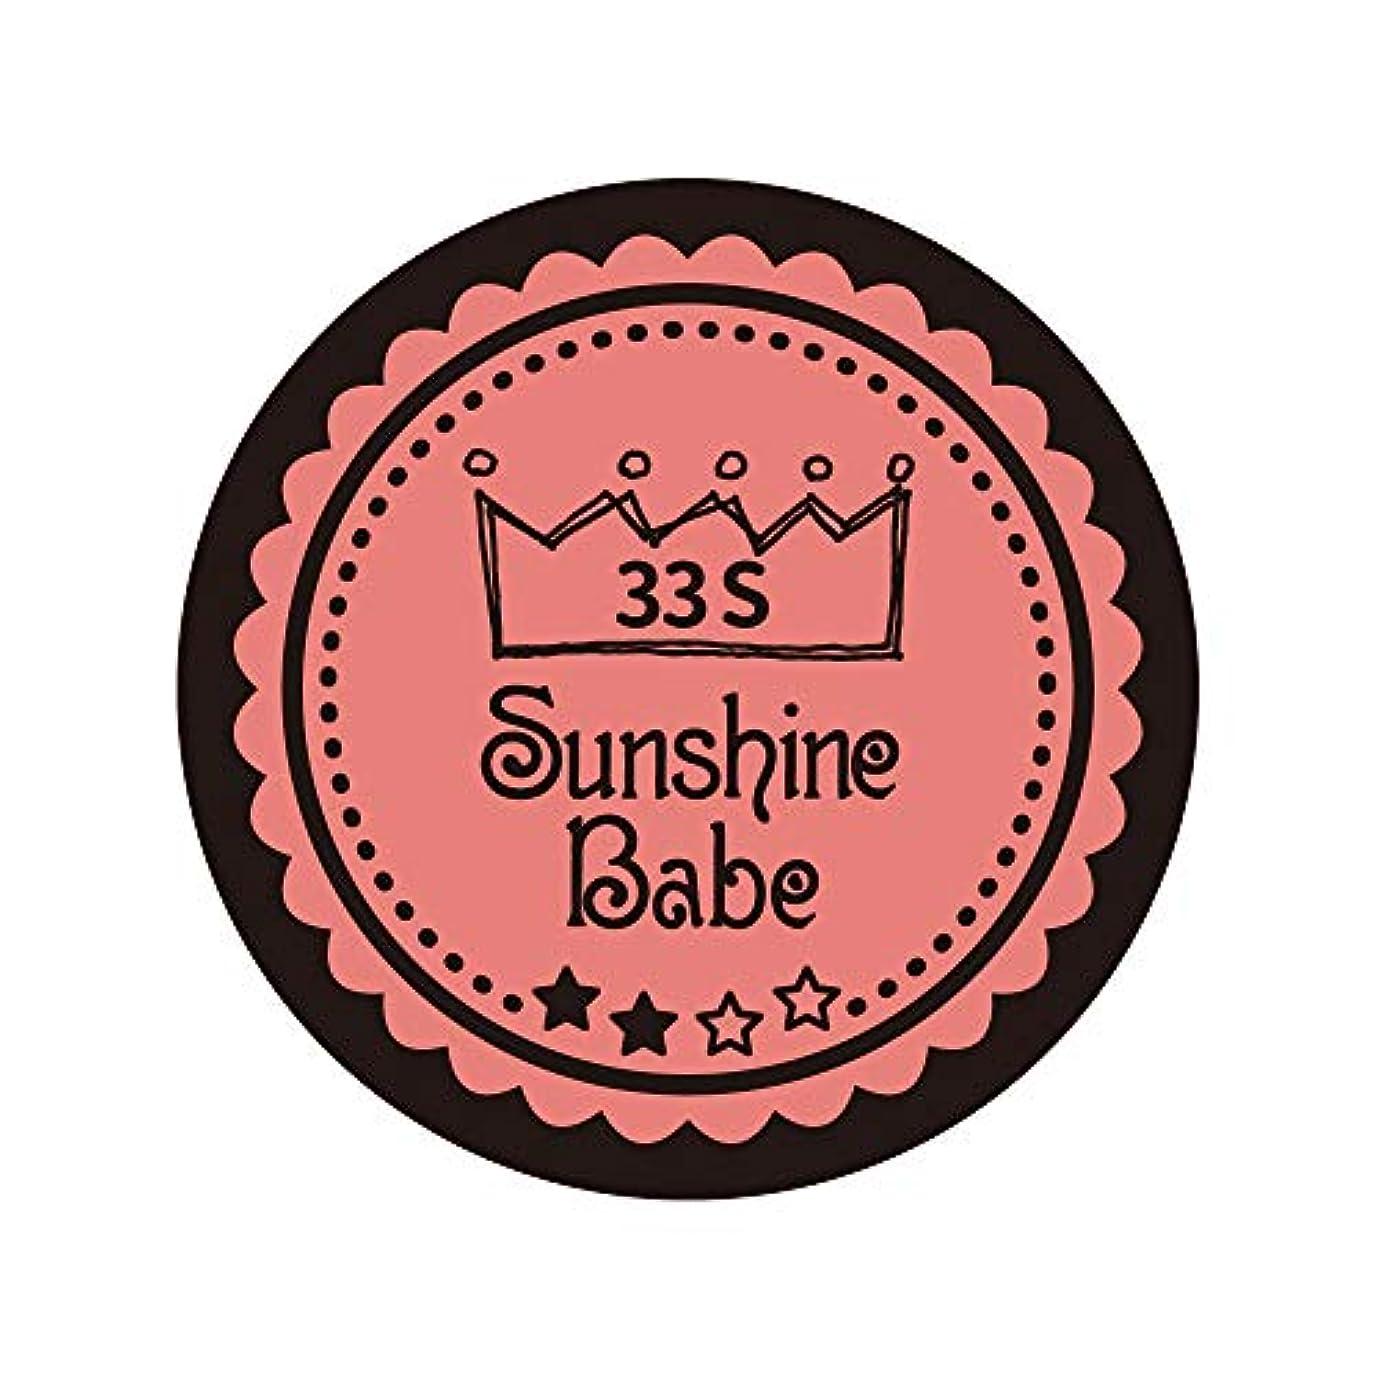 Sunshine Babe カラージェル 33S ベイクドコーラルピンク 4g UV/LED対応